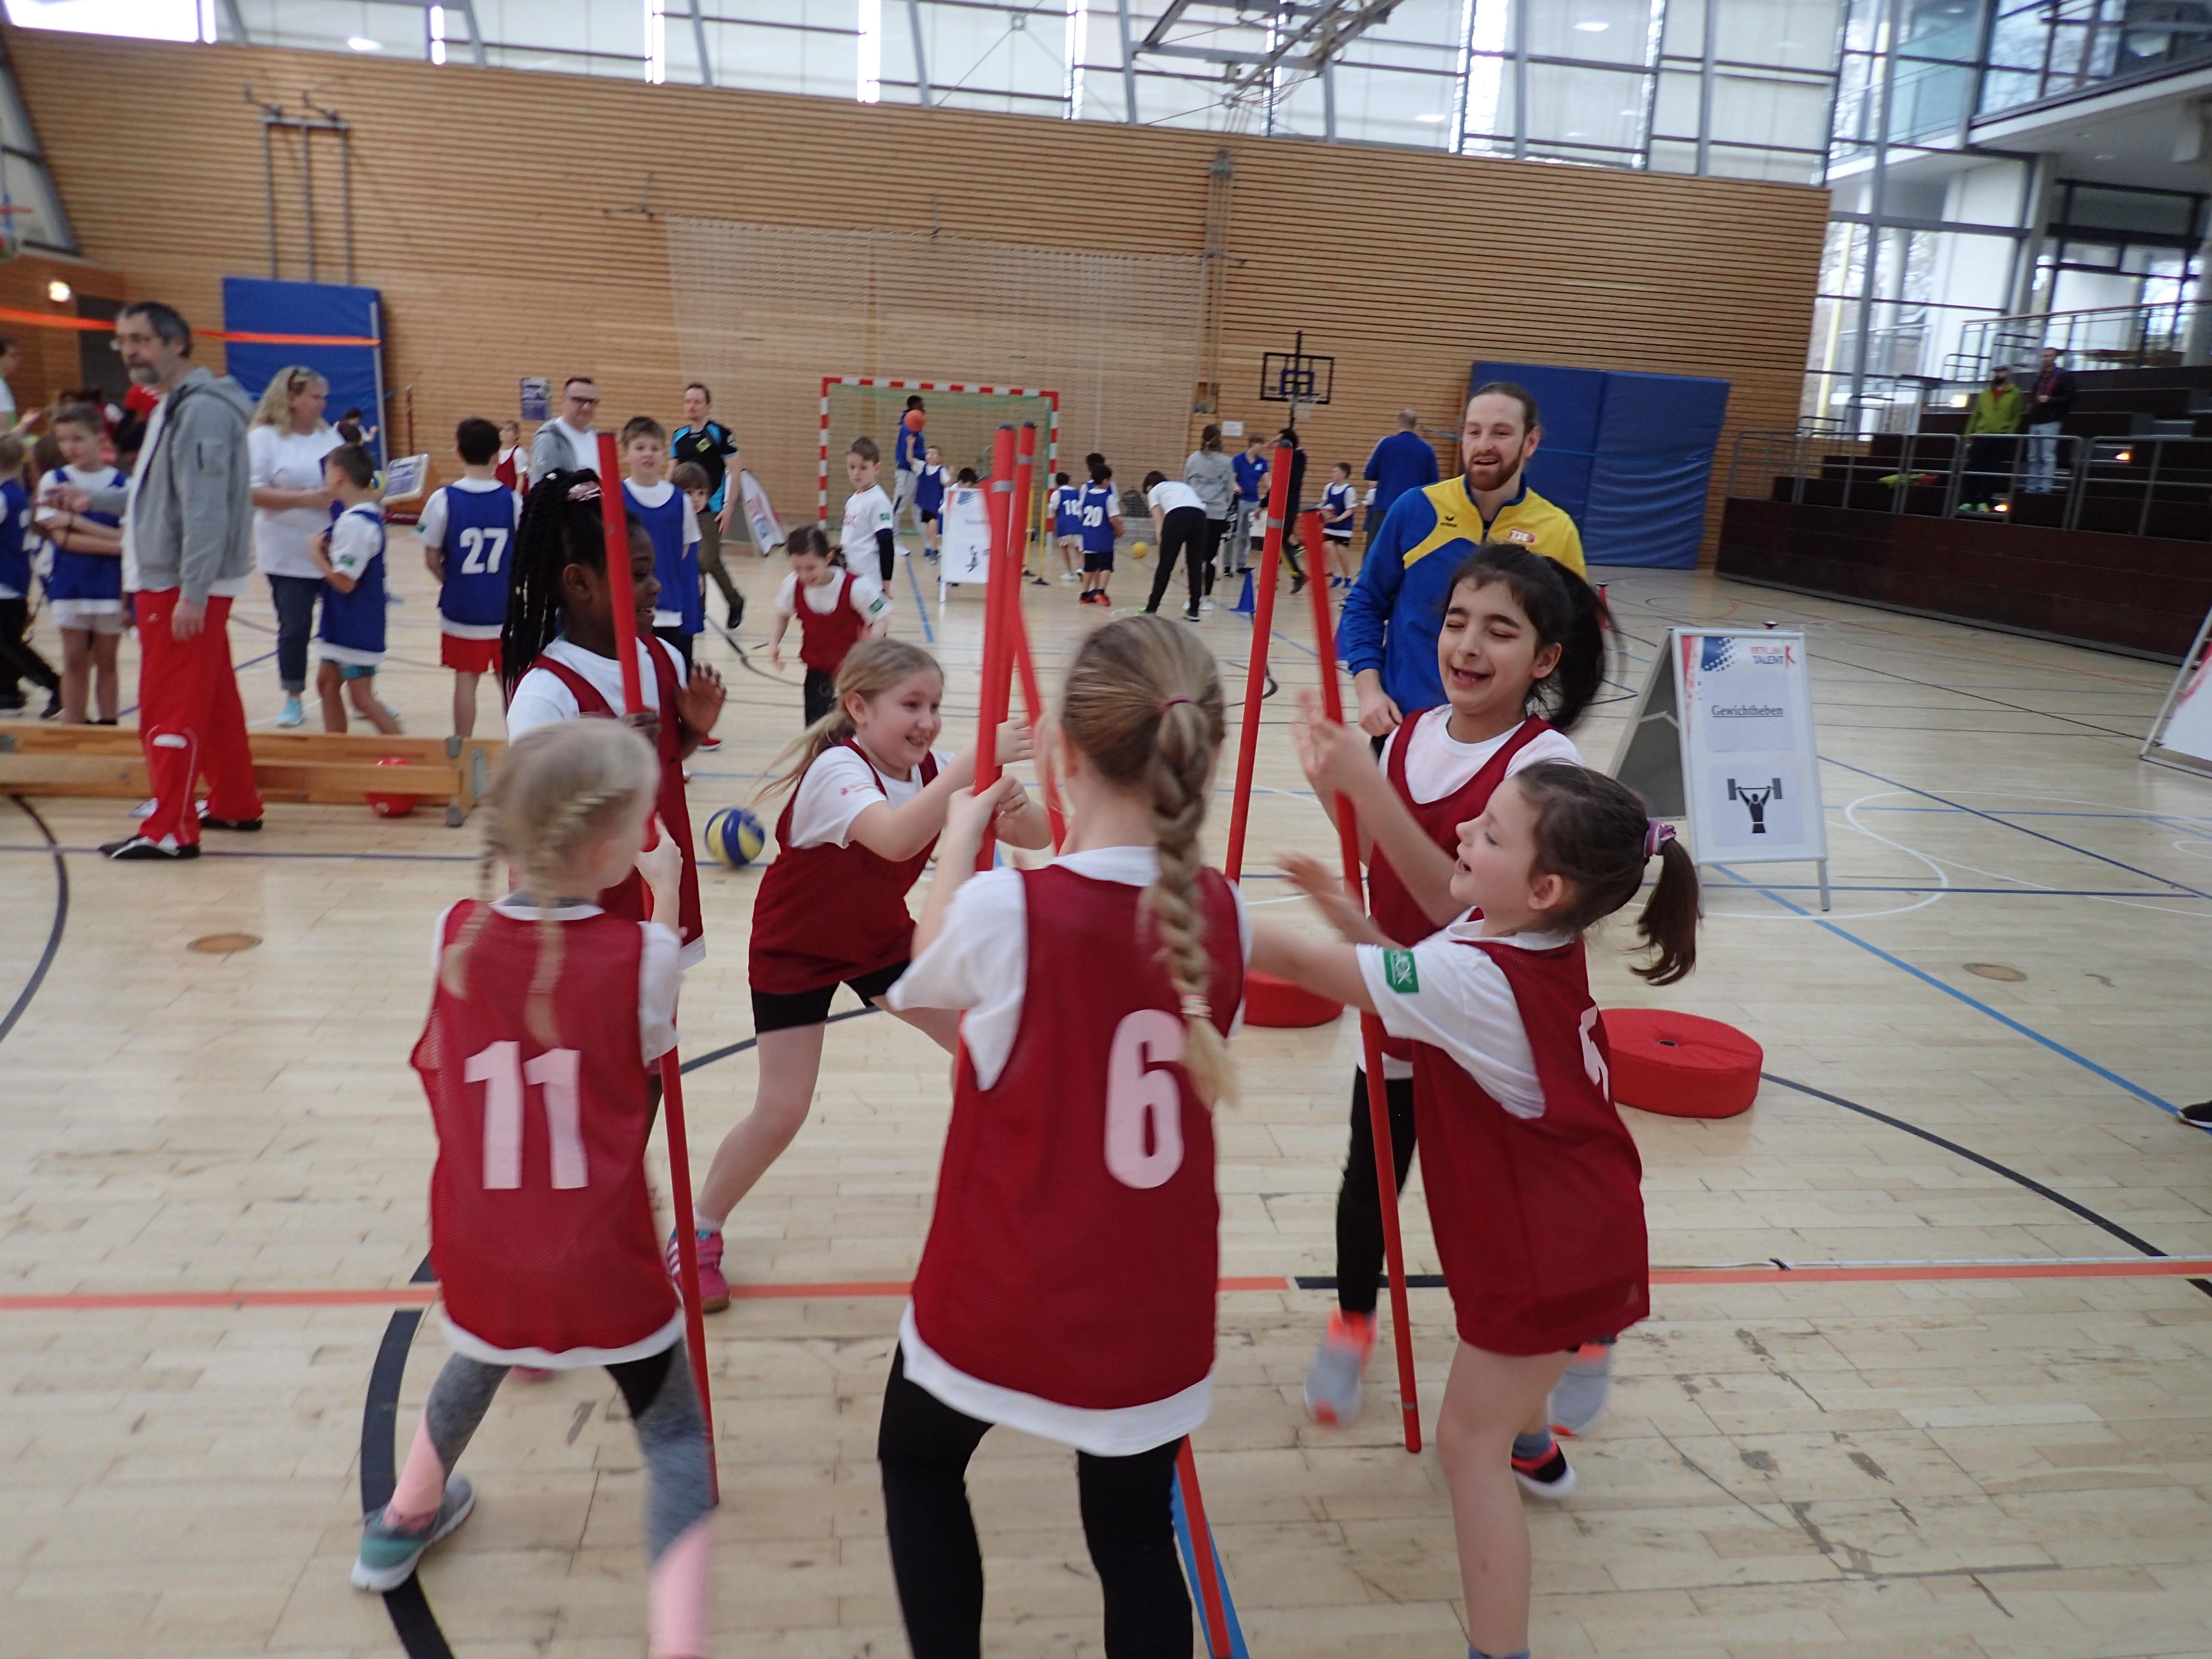 Koordination und Schnelligkeit gleich Spaß - Talentiade Neukölln 2020